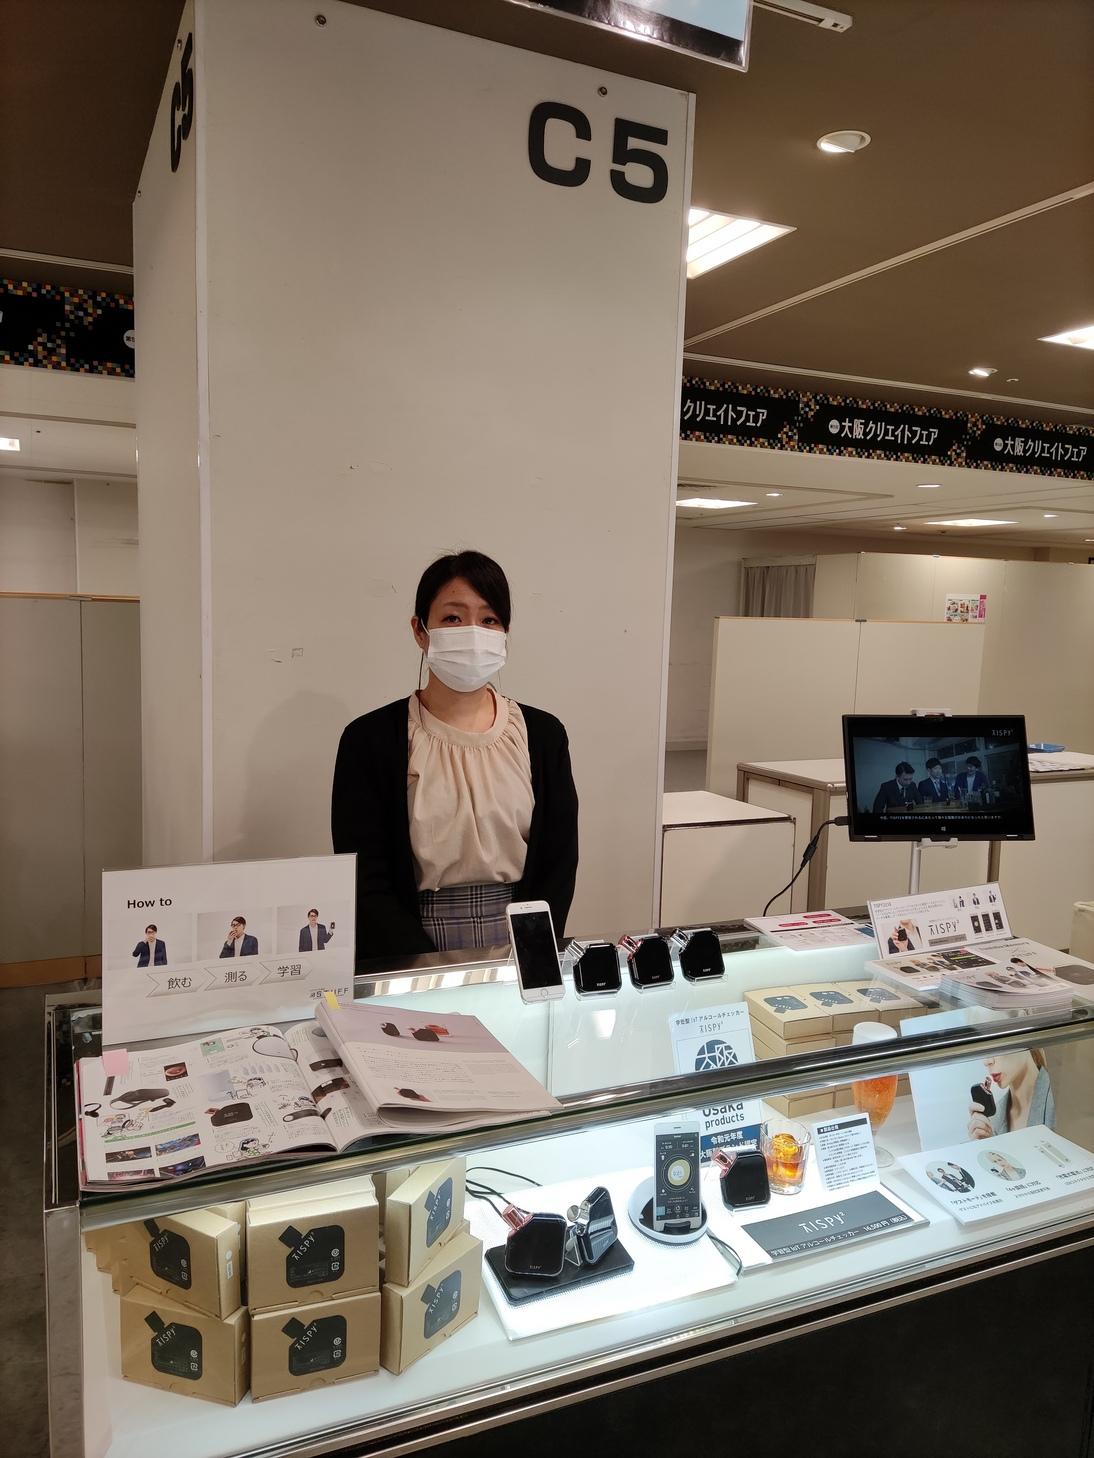 【出展】大阪クリエイトフェアでTISPY2を展示販売しています!!